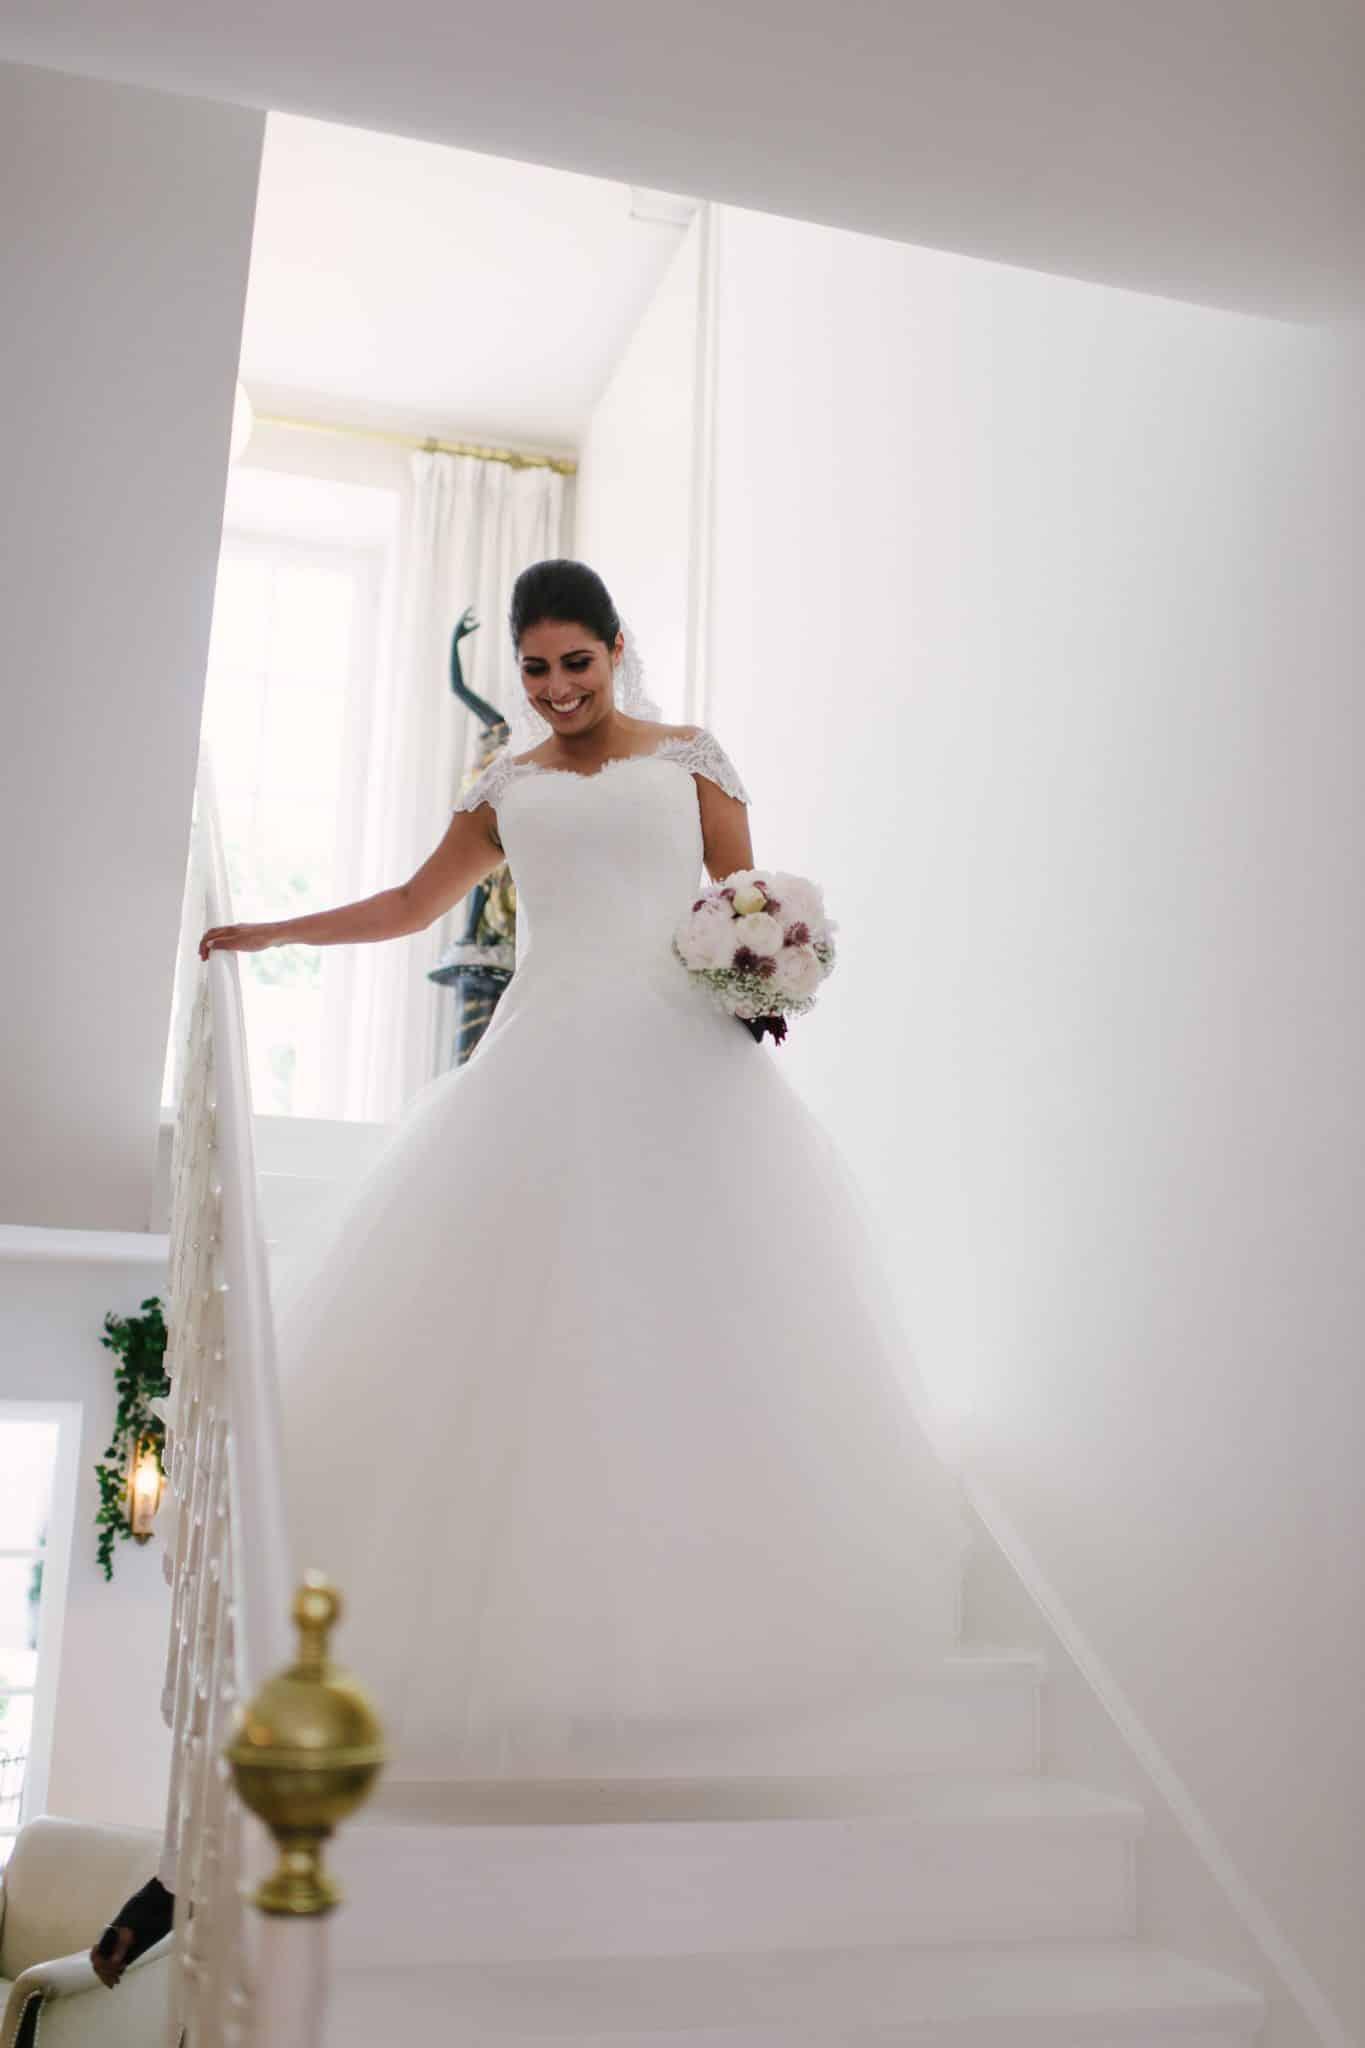 Die Braut geht gerade die Treppen herunter.